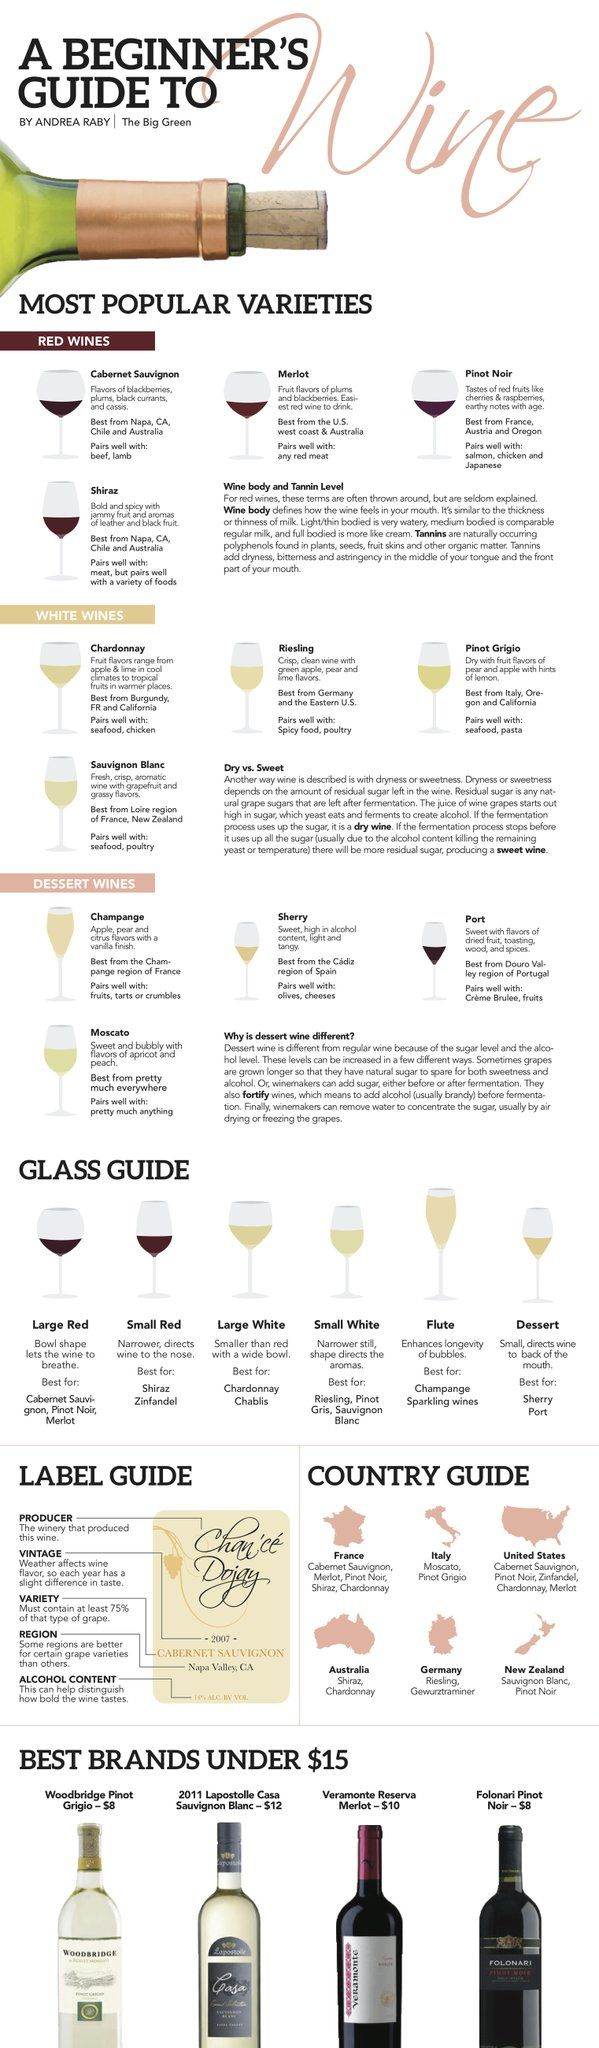 WineMinder (@wine_minder) | Twitter